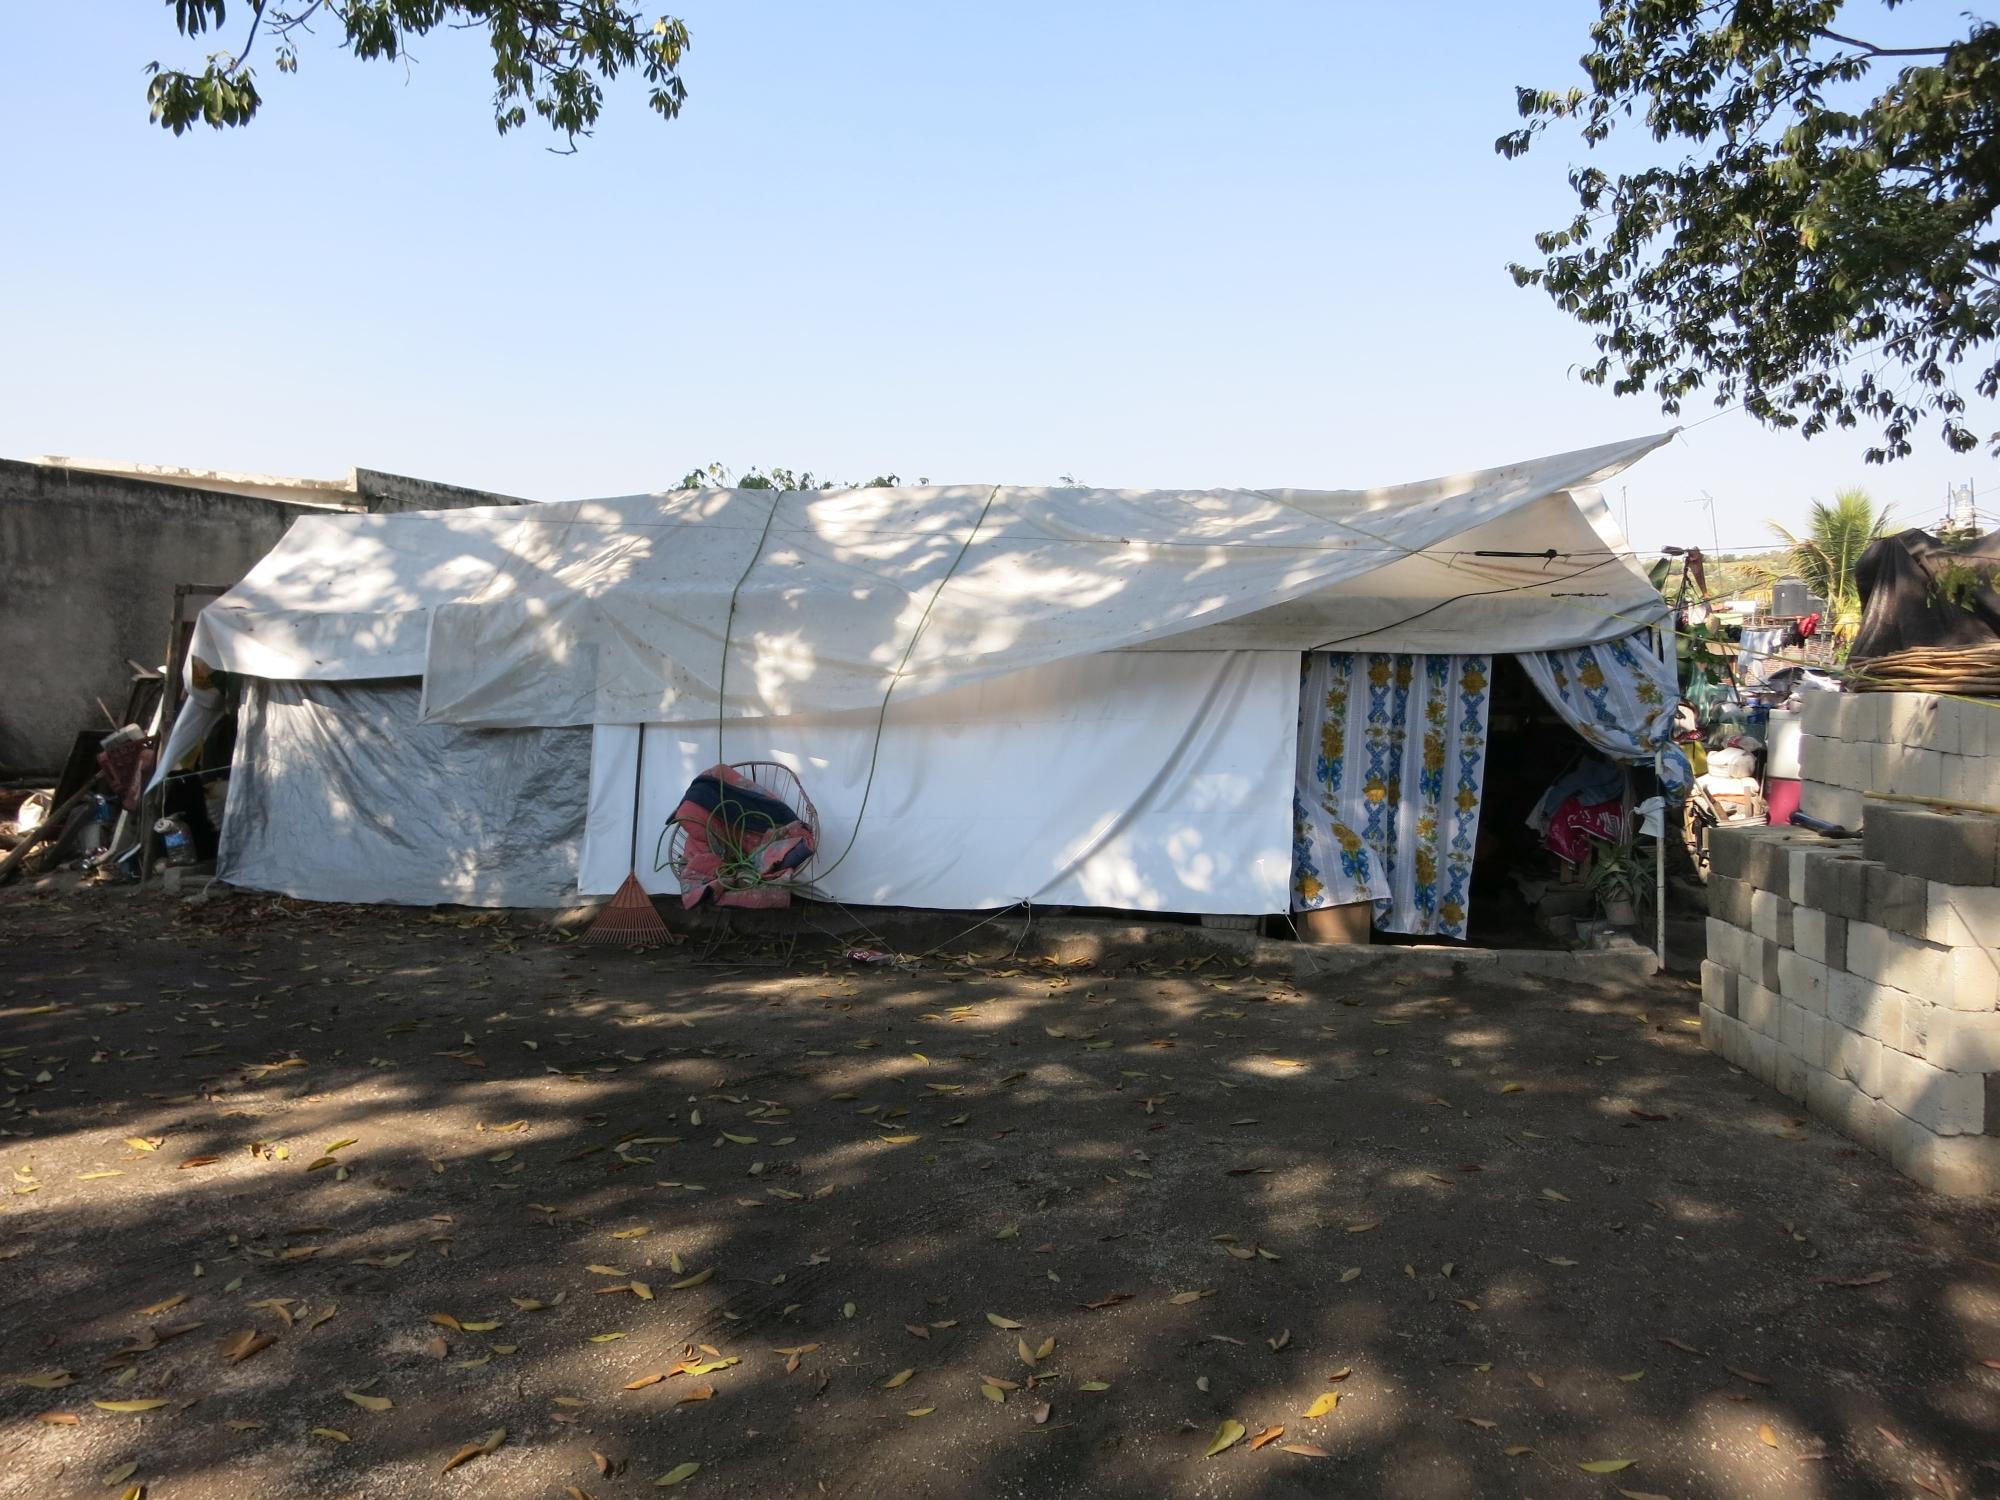 Wohnen Im Zelt : Hilfe dringend gebraucht